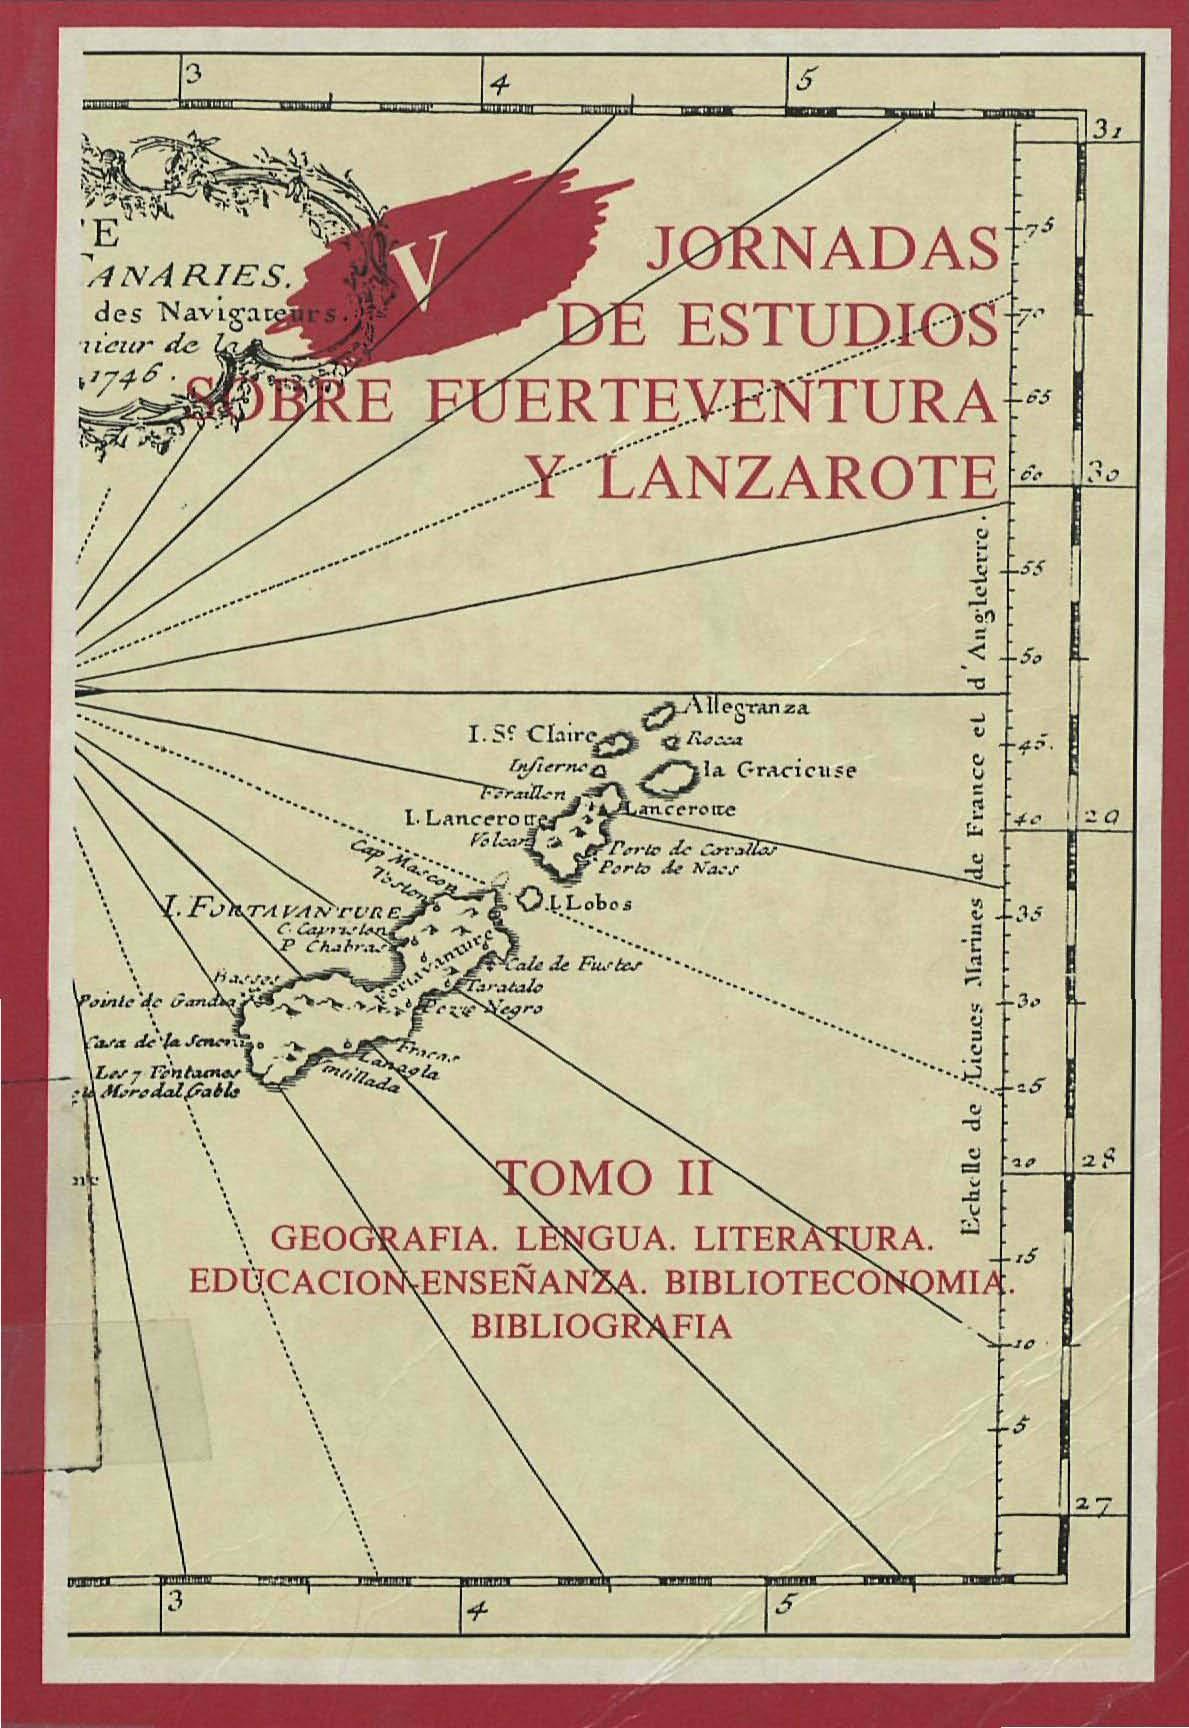 La evolución demográfica reciente de la isla de Lanzarote: el papel de la dinámica natural